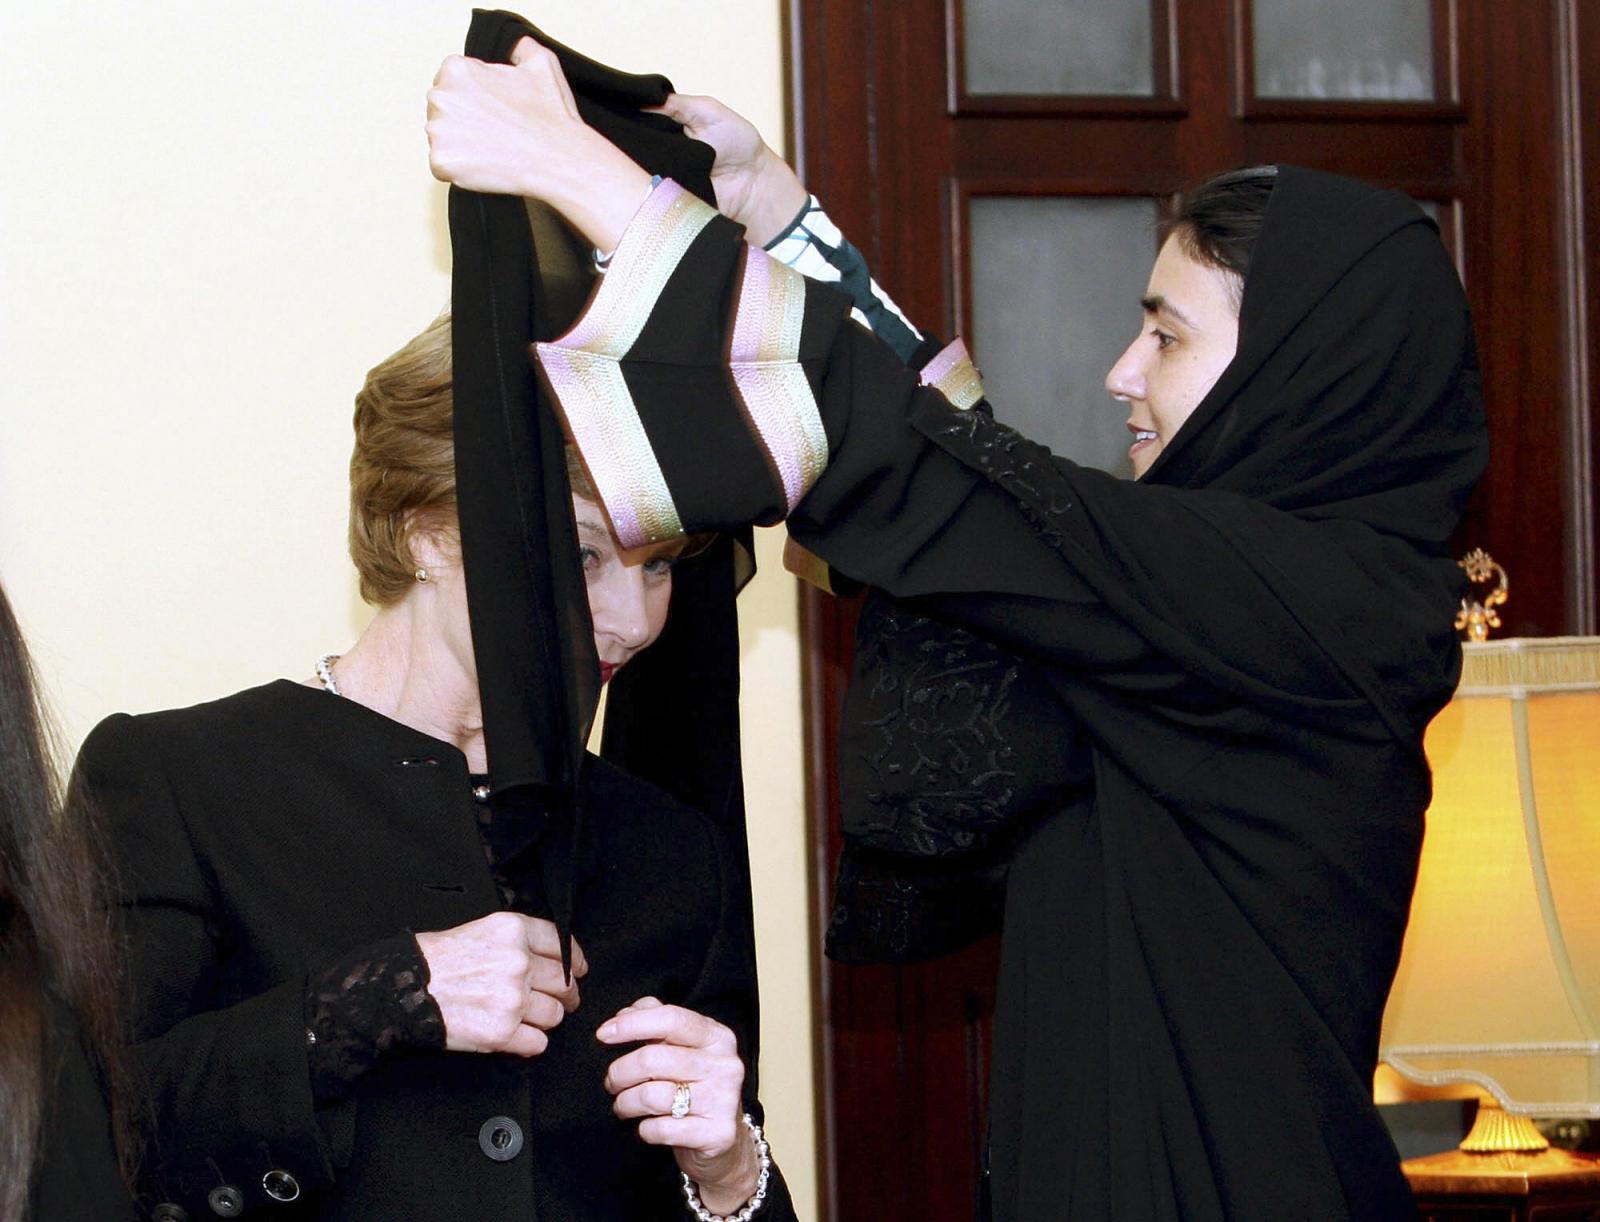 Laura Bush dons veil